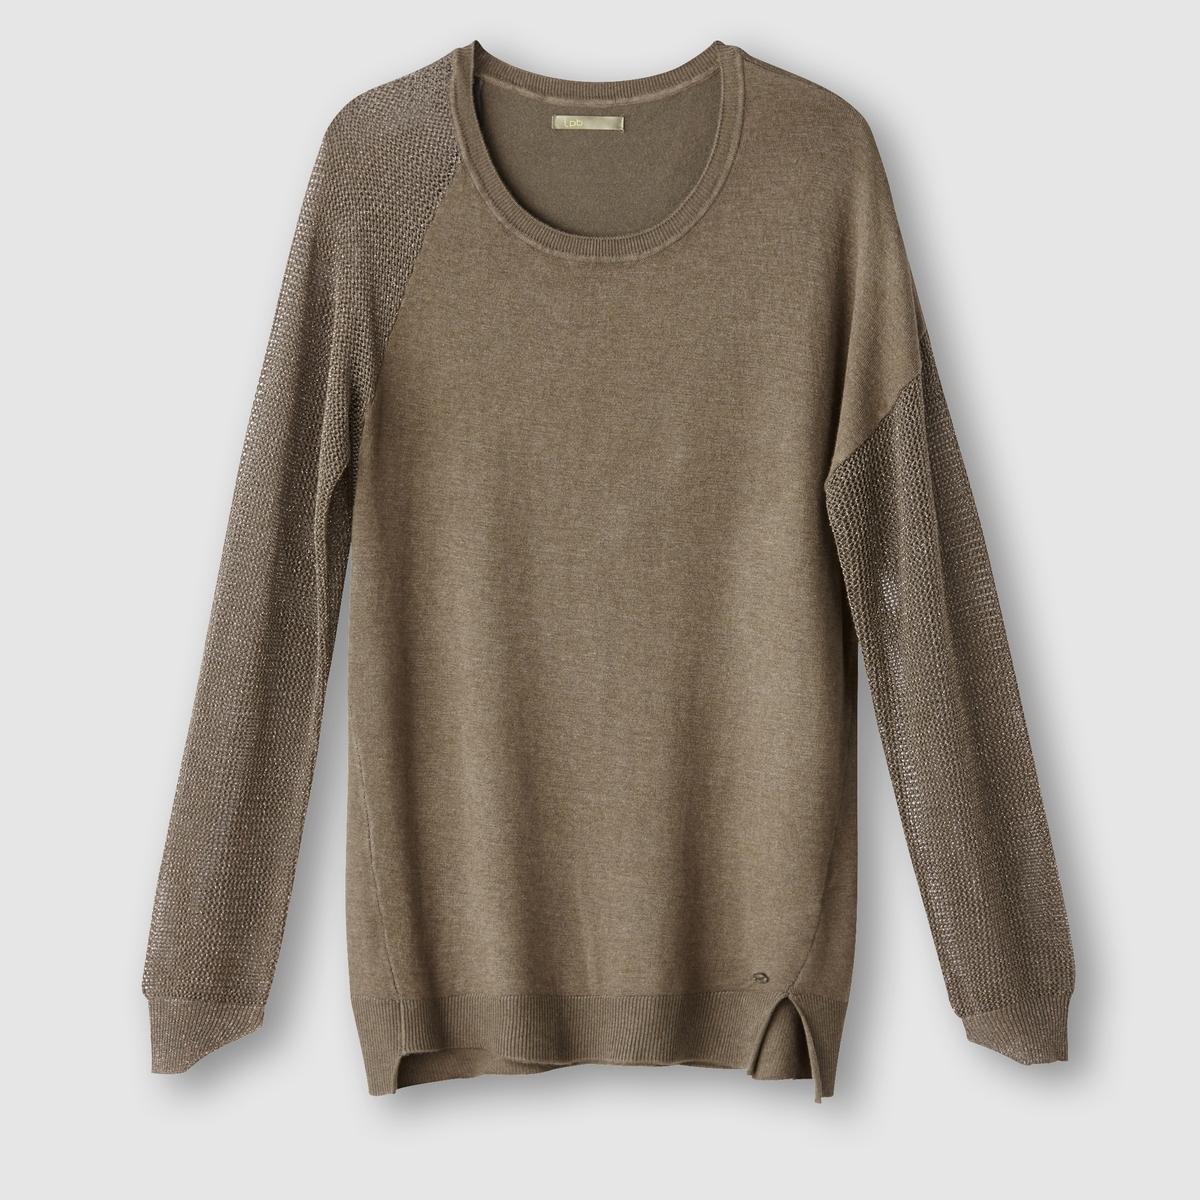 Пуловер с круглым воротникомСостав и описаниеМатериал: 78% вискозы, 19% нейлона, 3% эластана.Марка: LES PTITES BOMBES.<br><br>Цвет: хаки,черный<br>Размер: M/L